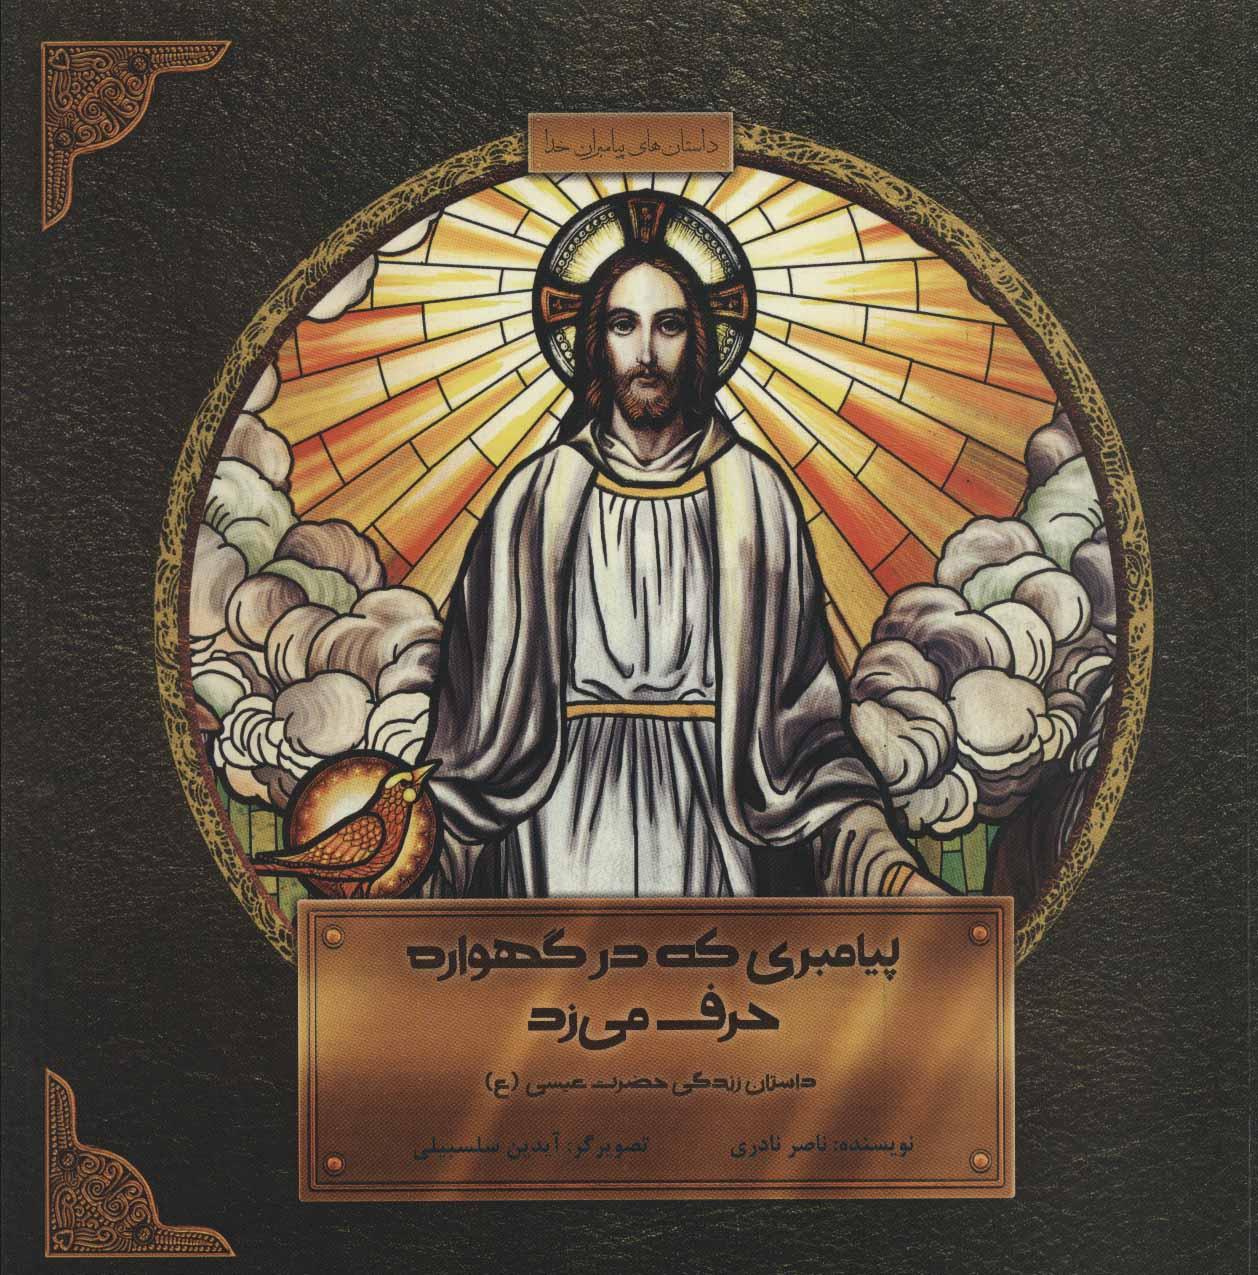 کتاب پیامبری که در گهواره حرف میزد: داستان زندگی حضرت عیسی(ع)